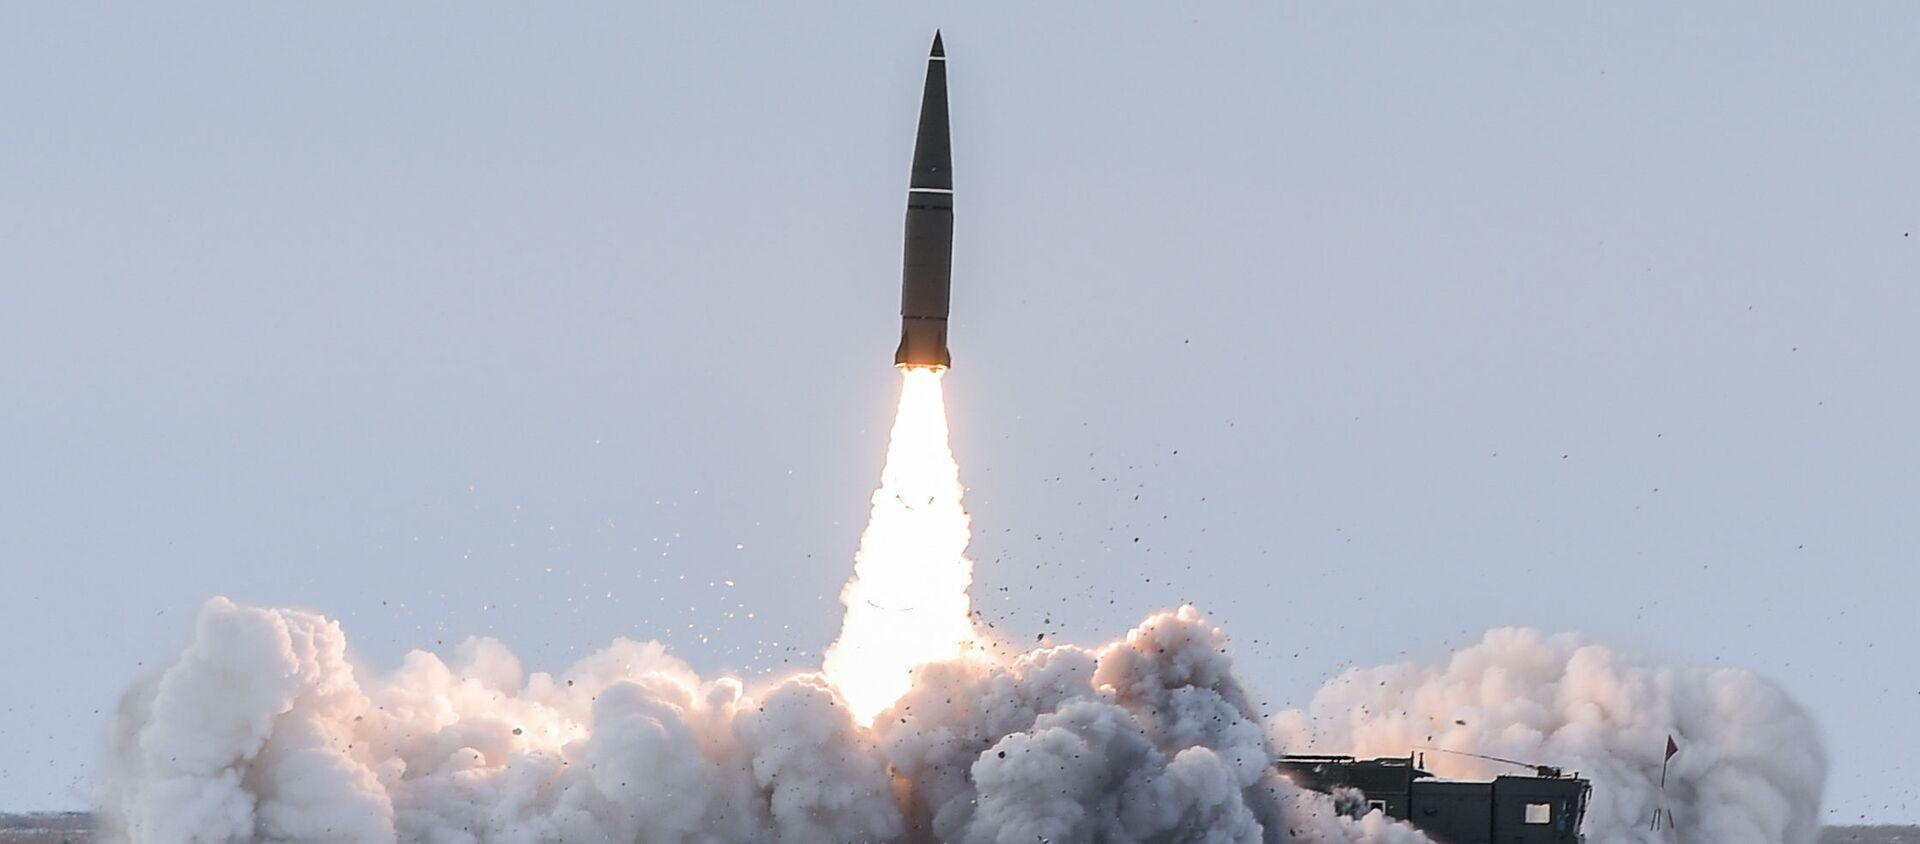 Пуск баллистической ракеты ОТРК Искандер-М с полигона Капустин Яр - Sputnik Таджикистан, 1920, 29.07.2020